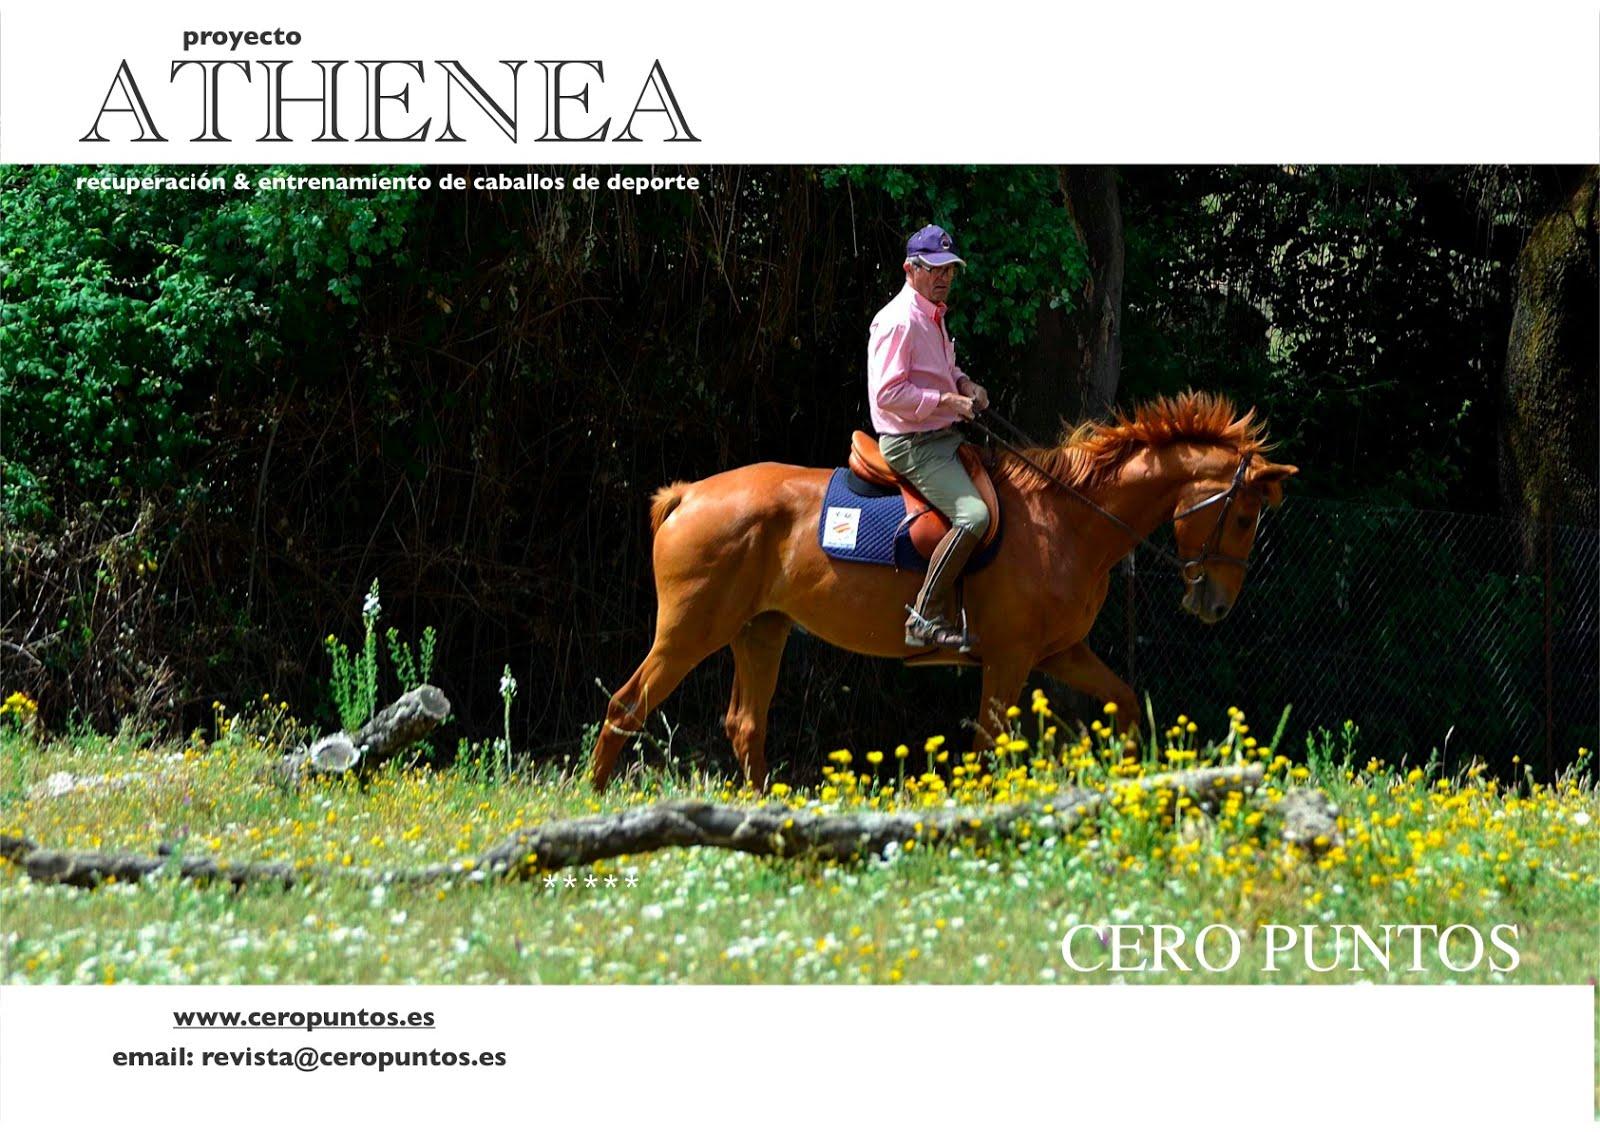 Proyecto Athenea